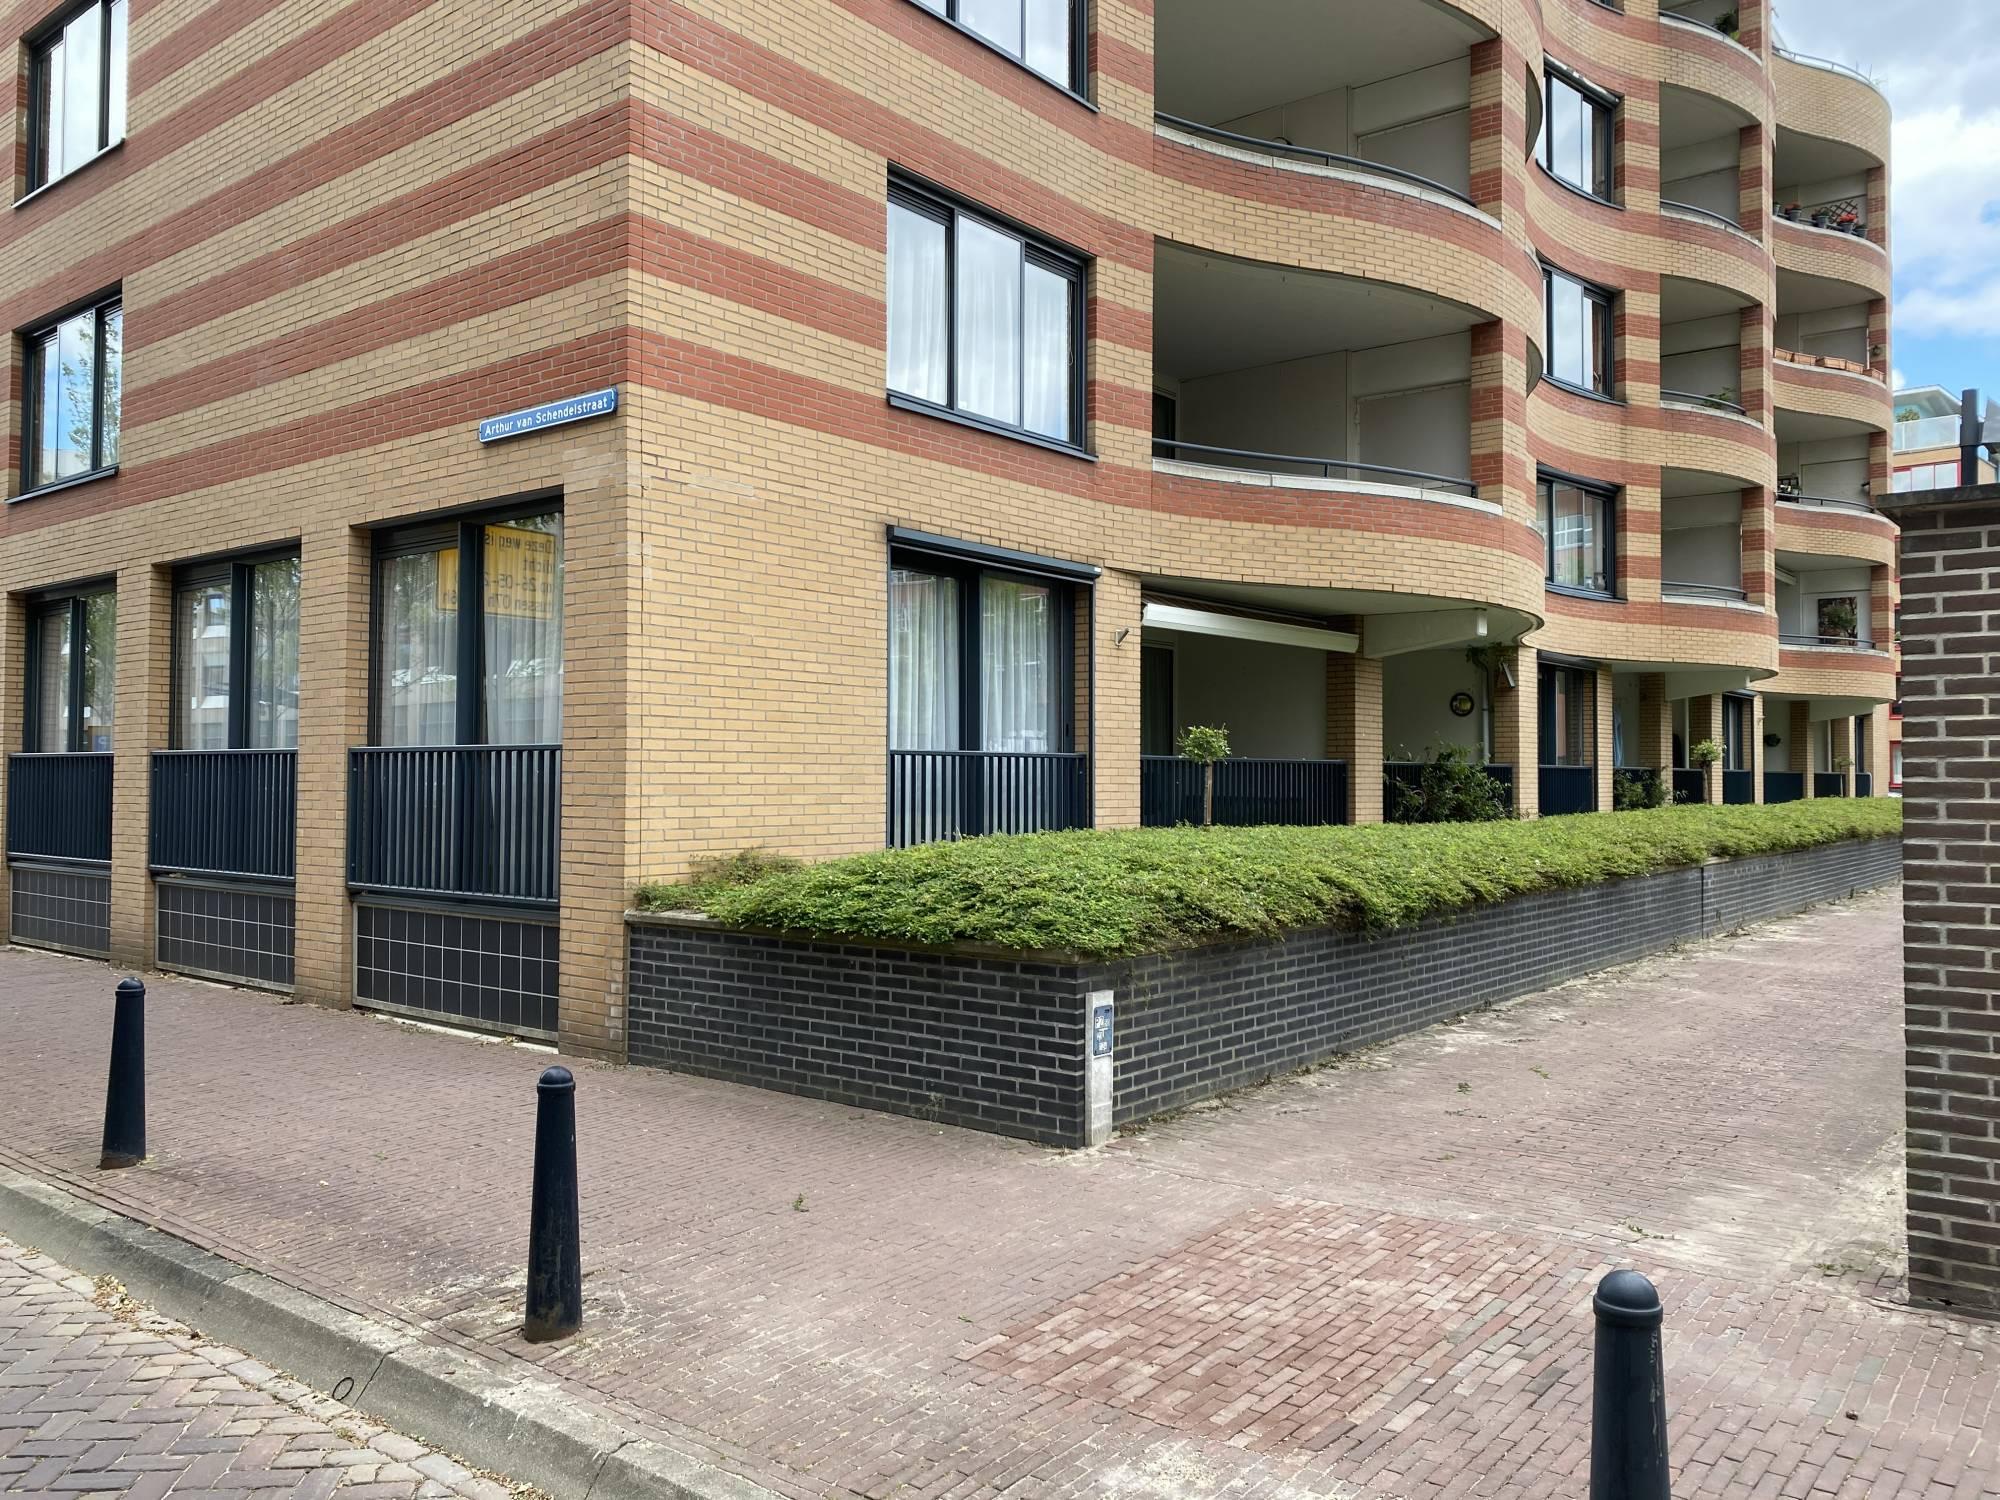 Arthur van Schendelstraat 503